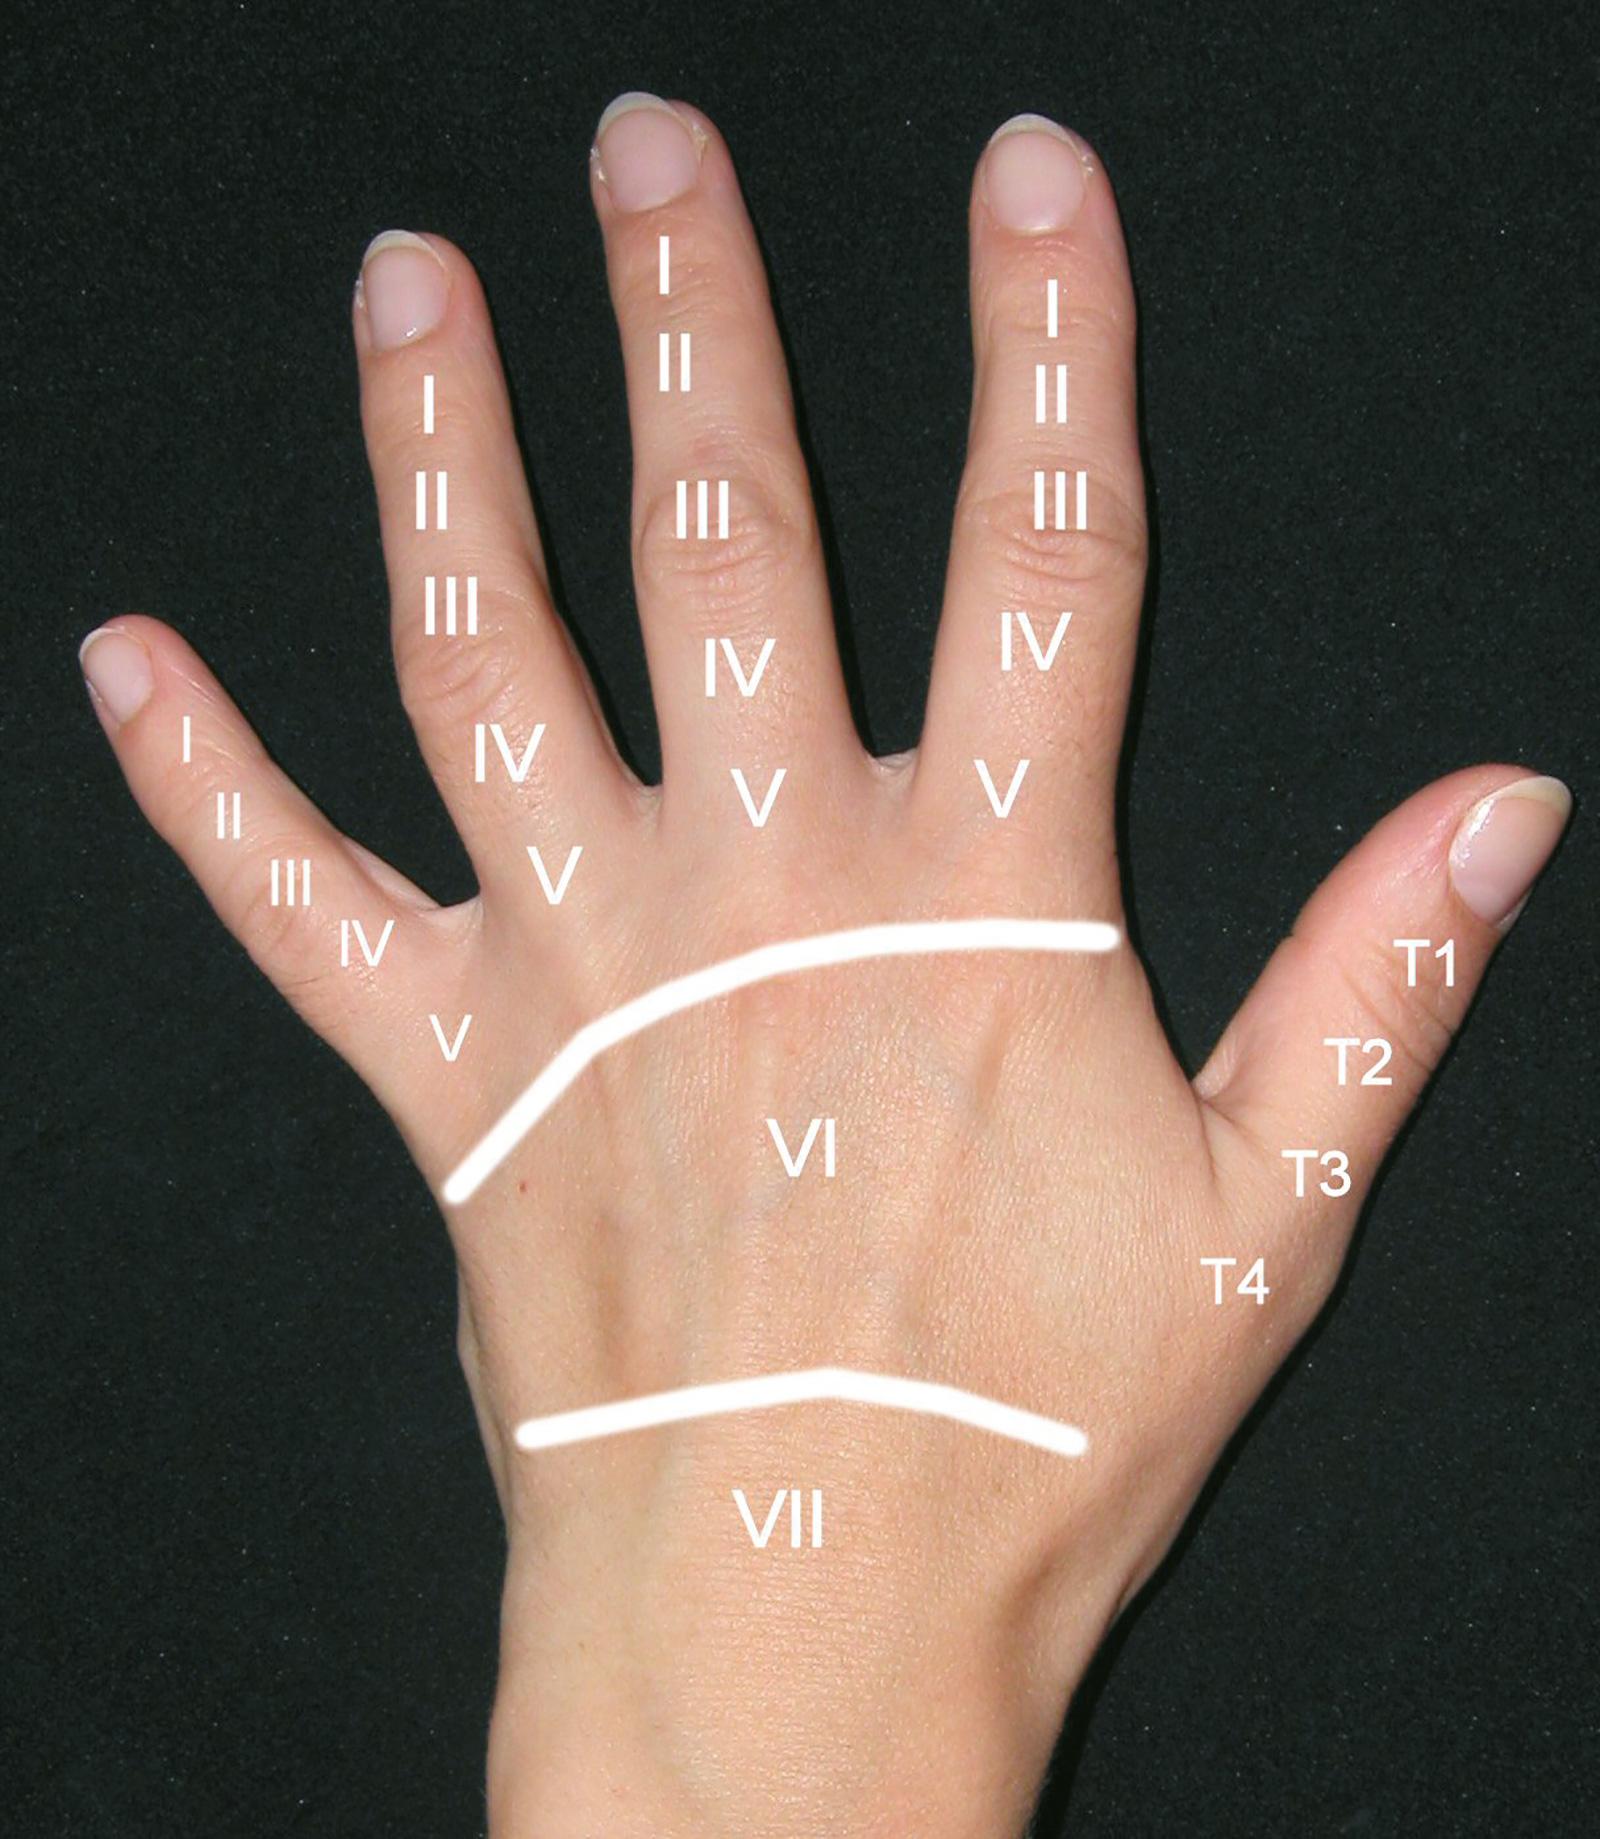 Abb. 7-20: Zonen für die Einteilung von Strecksehnenverletzungen nach Kleinert